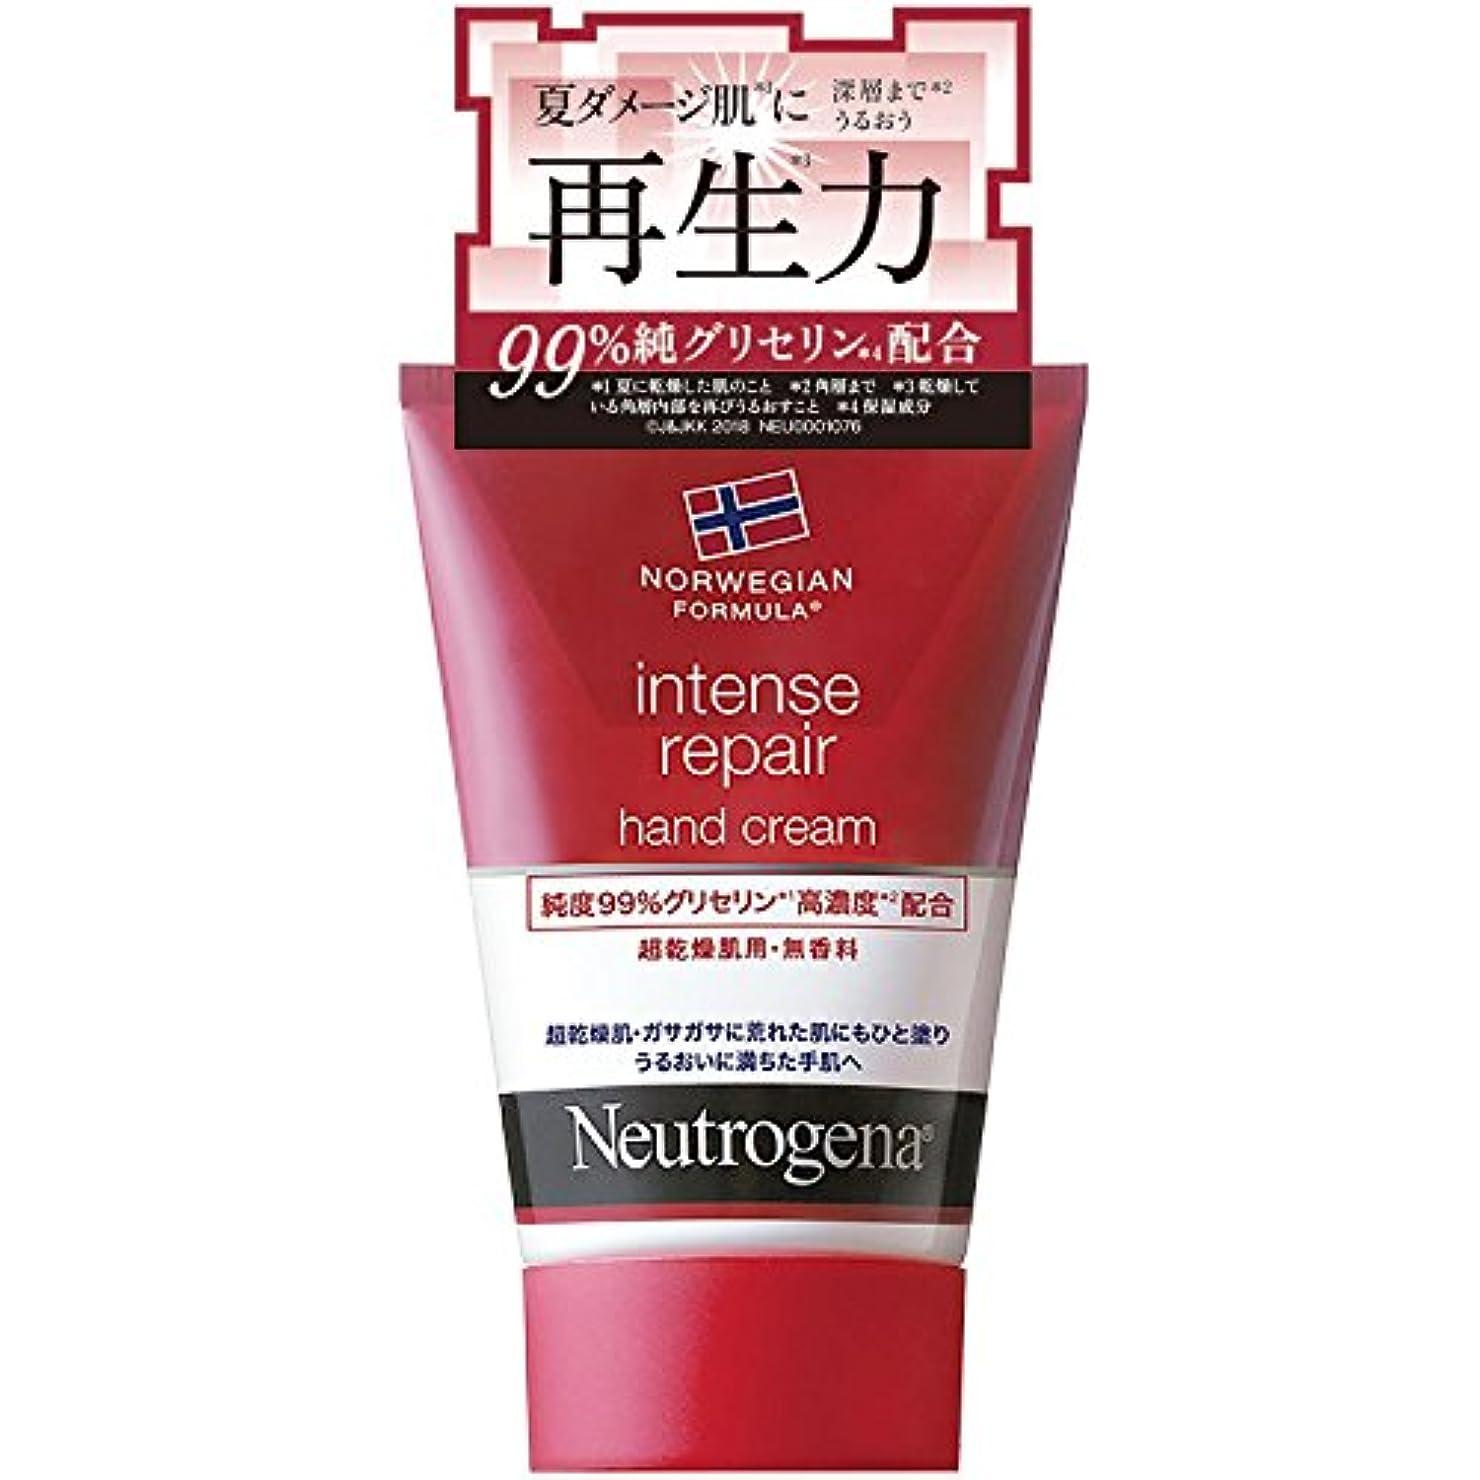 時折余暇学部長Neutrogena(ニュートロジーナ) ノルウェーフォーミュラ インテンスリペア ハンドクリーム 超乾燥肌用 無香料 単品 50g